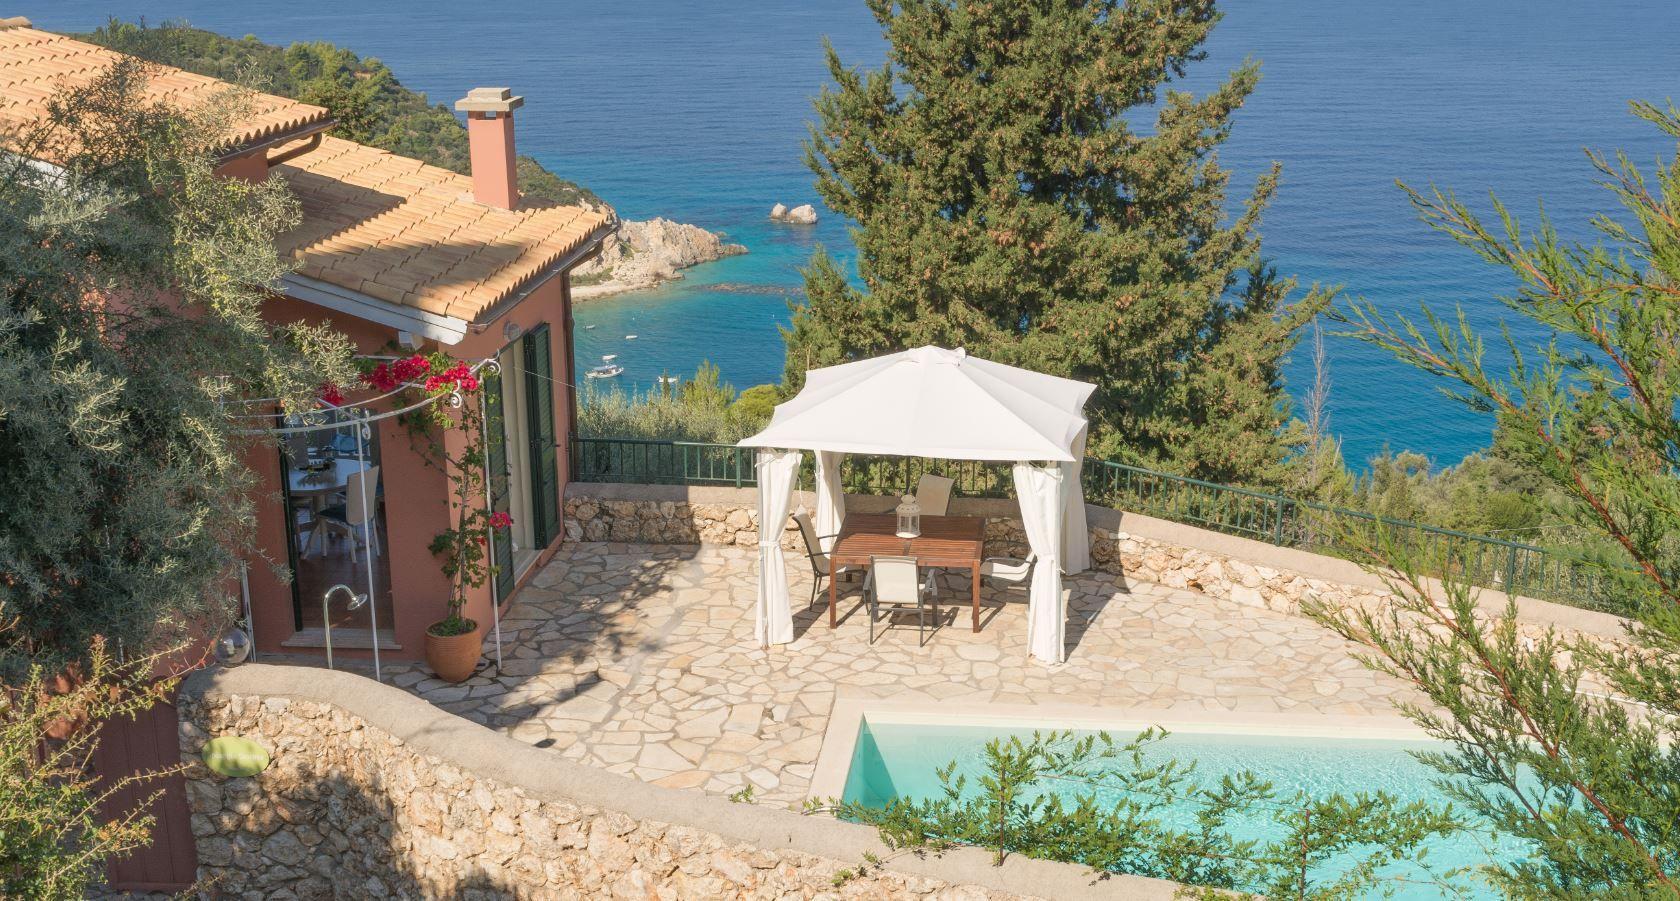 Ferienhaus mit Privatpool für 6 Personen ca.   in Griechenland